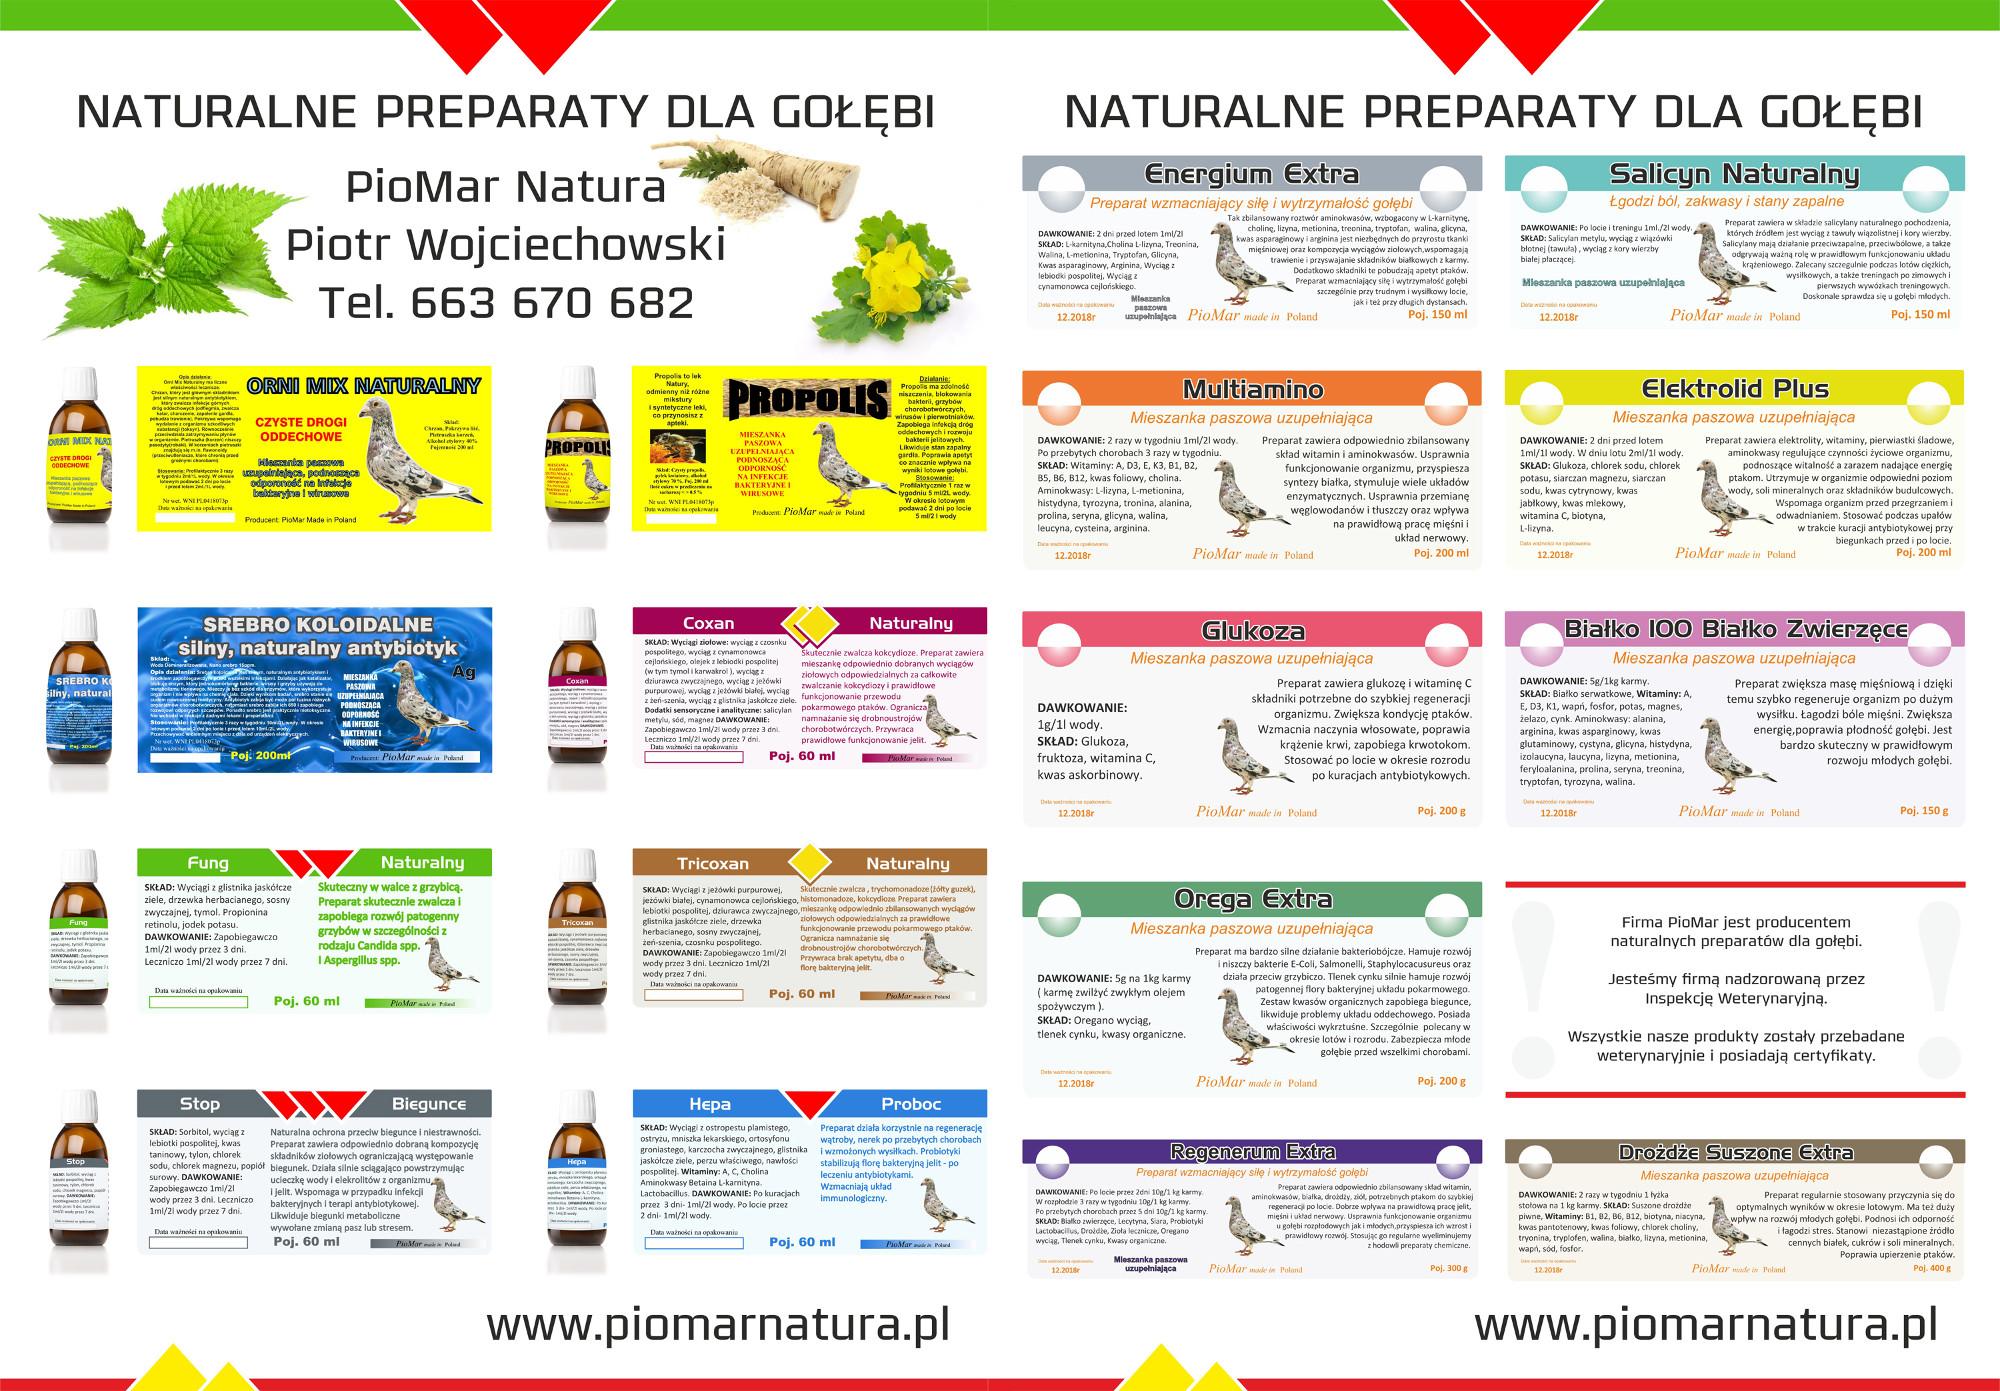 Naturalne produkty dla gołębi firmy PioMar Piotr Wojciechowski